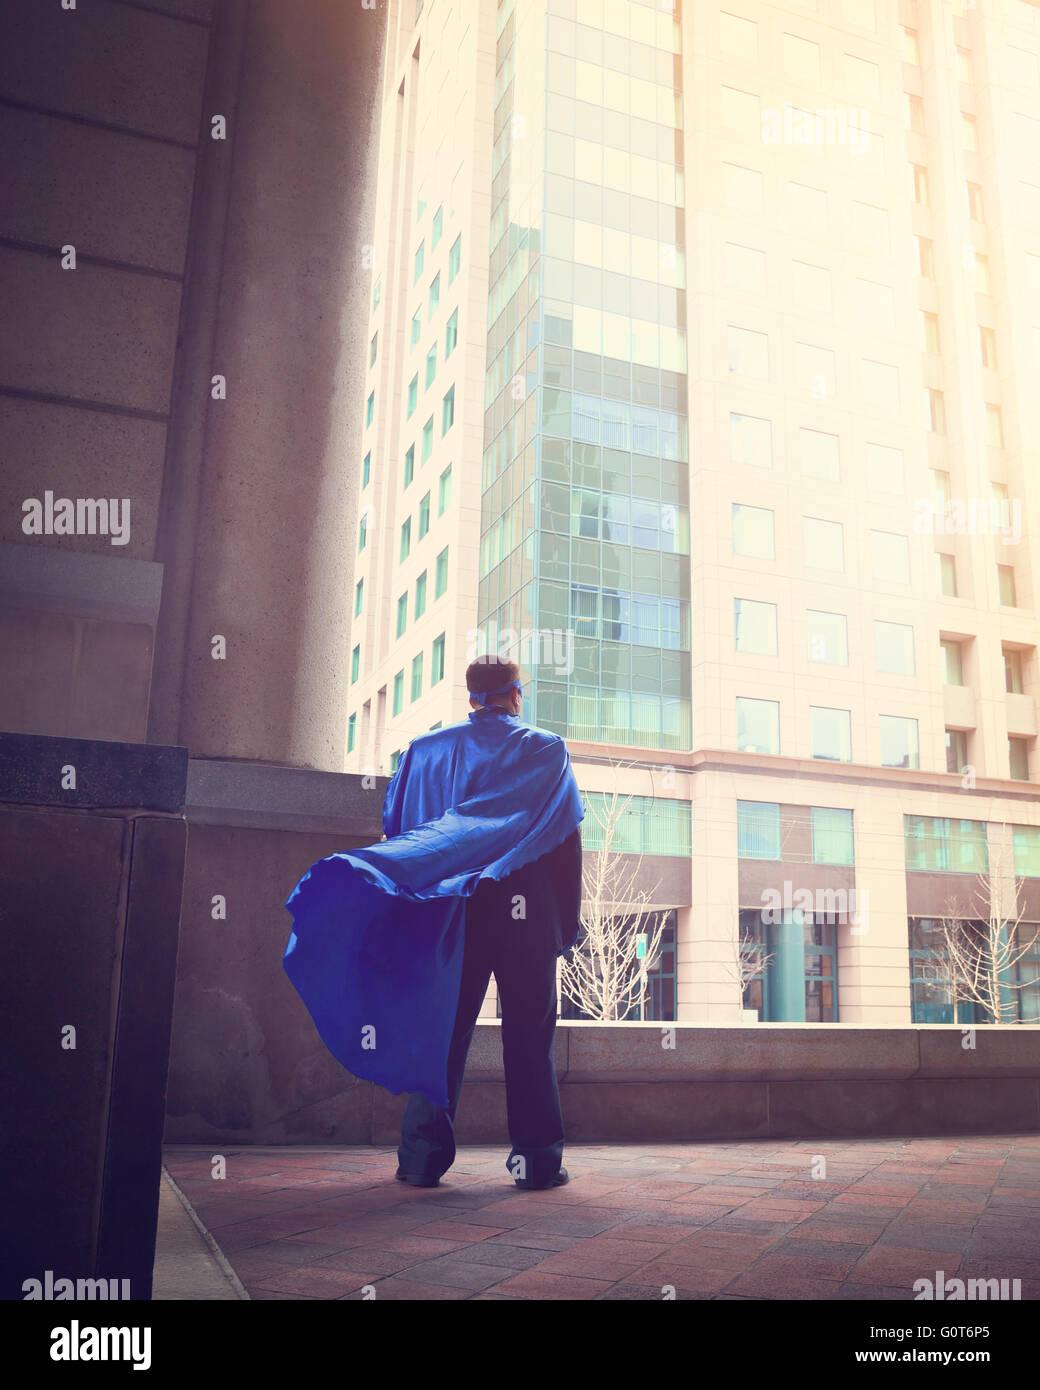 Un uomo di affari che indossa un capo super è in piedi in una città per un successo, forza o potenza di concetto Foto Stock